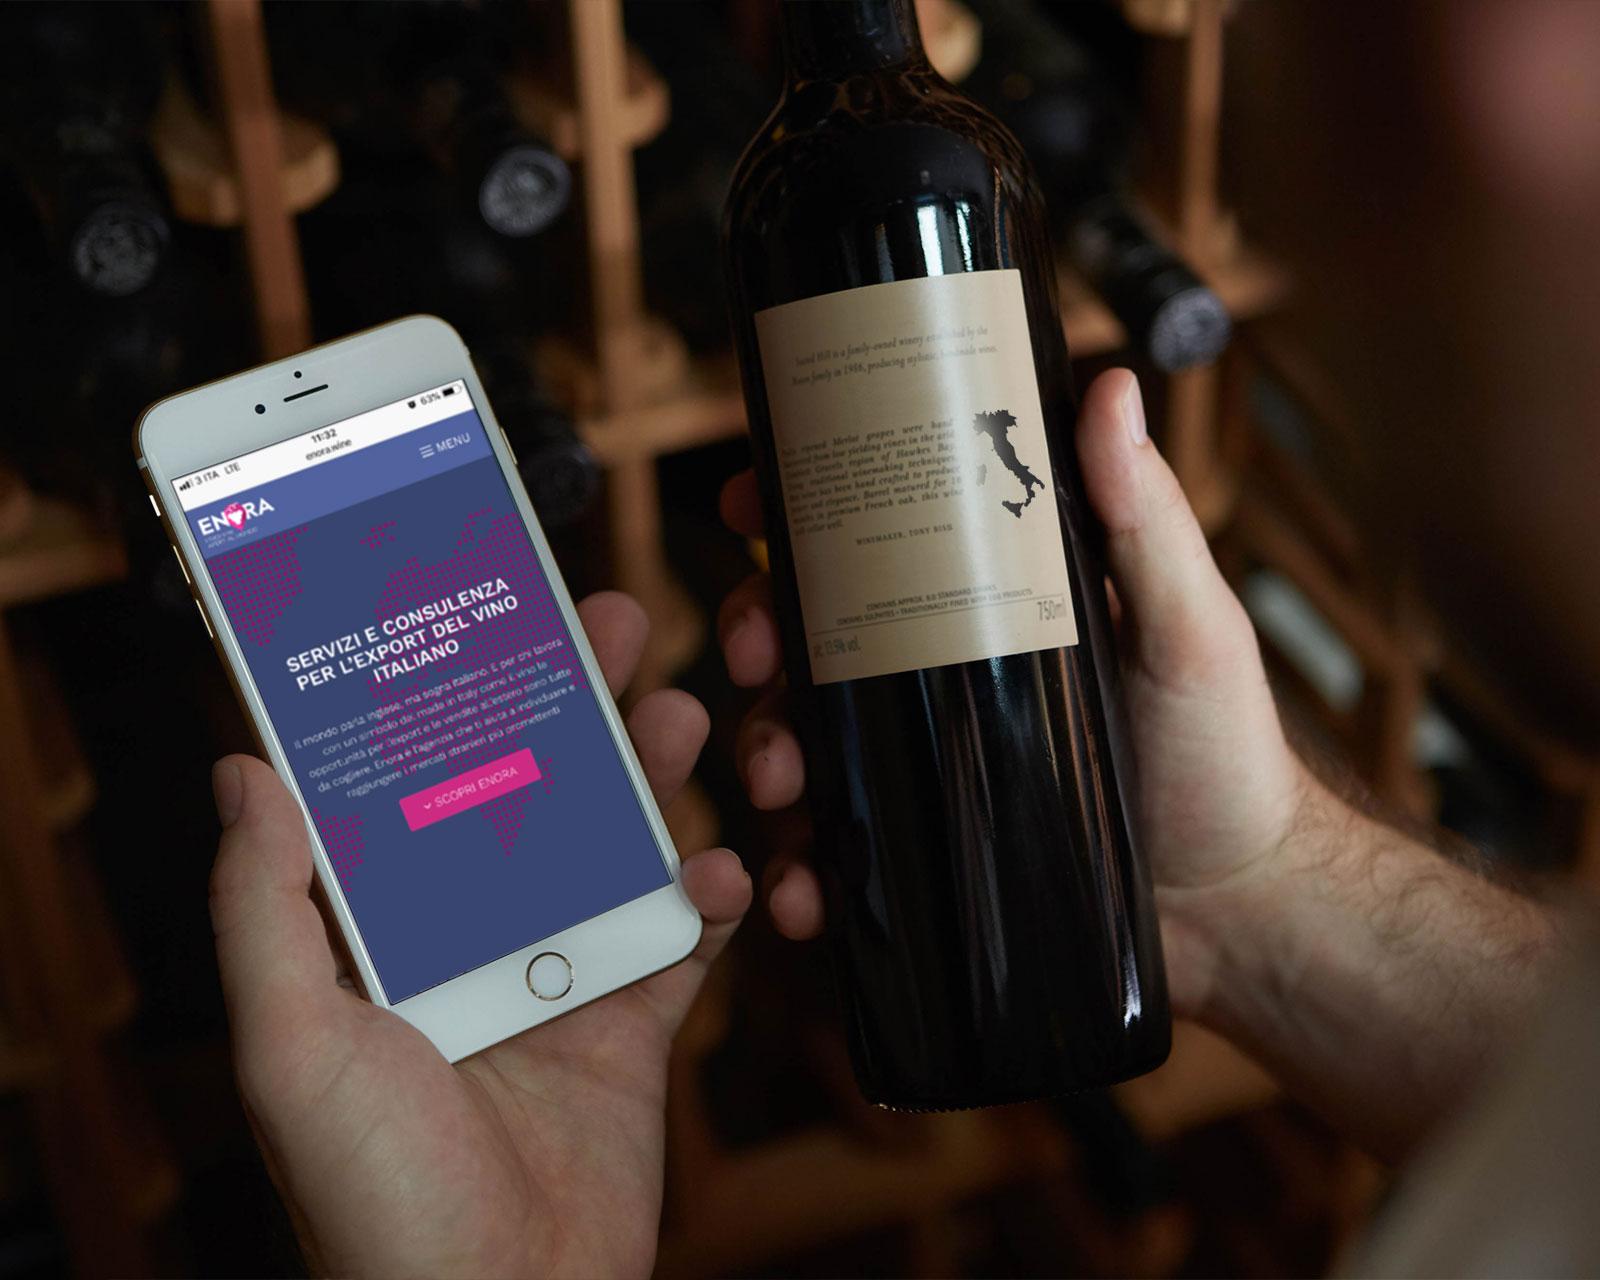 smartphone e bottiglia di vino in una cantina